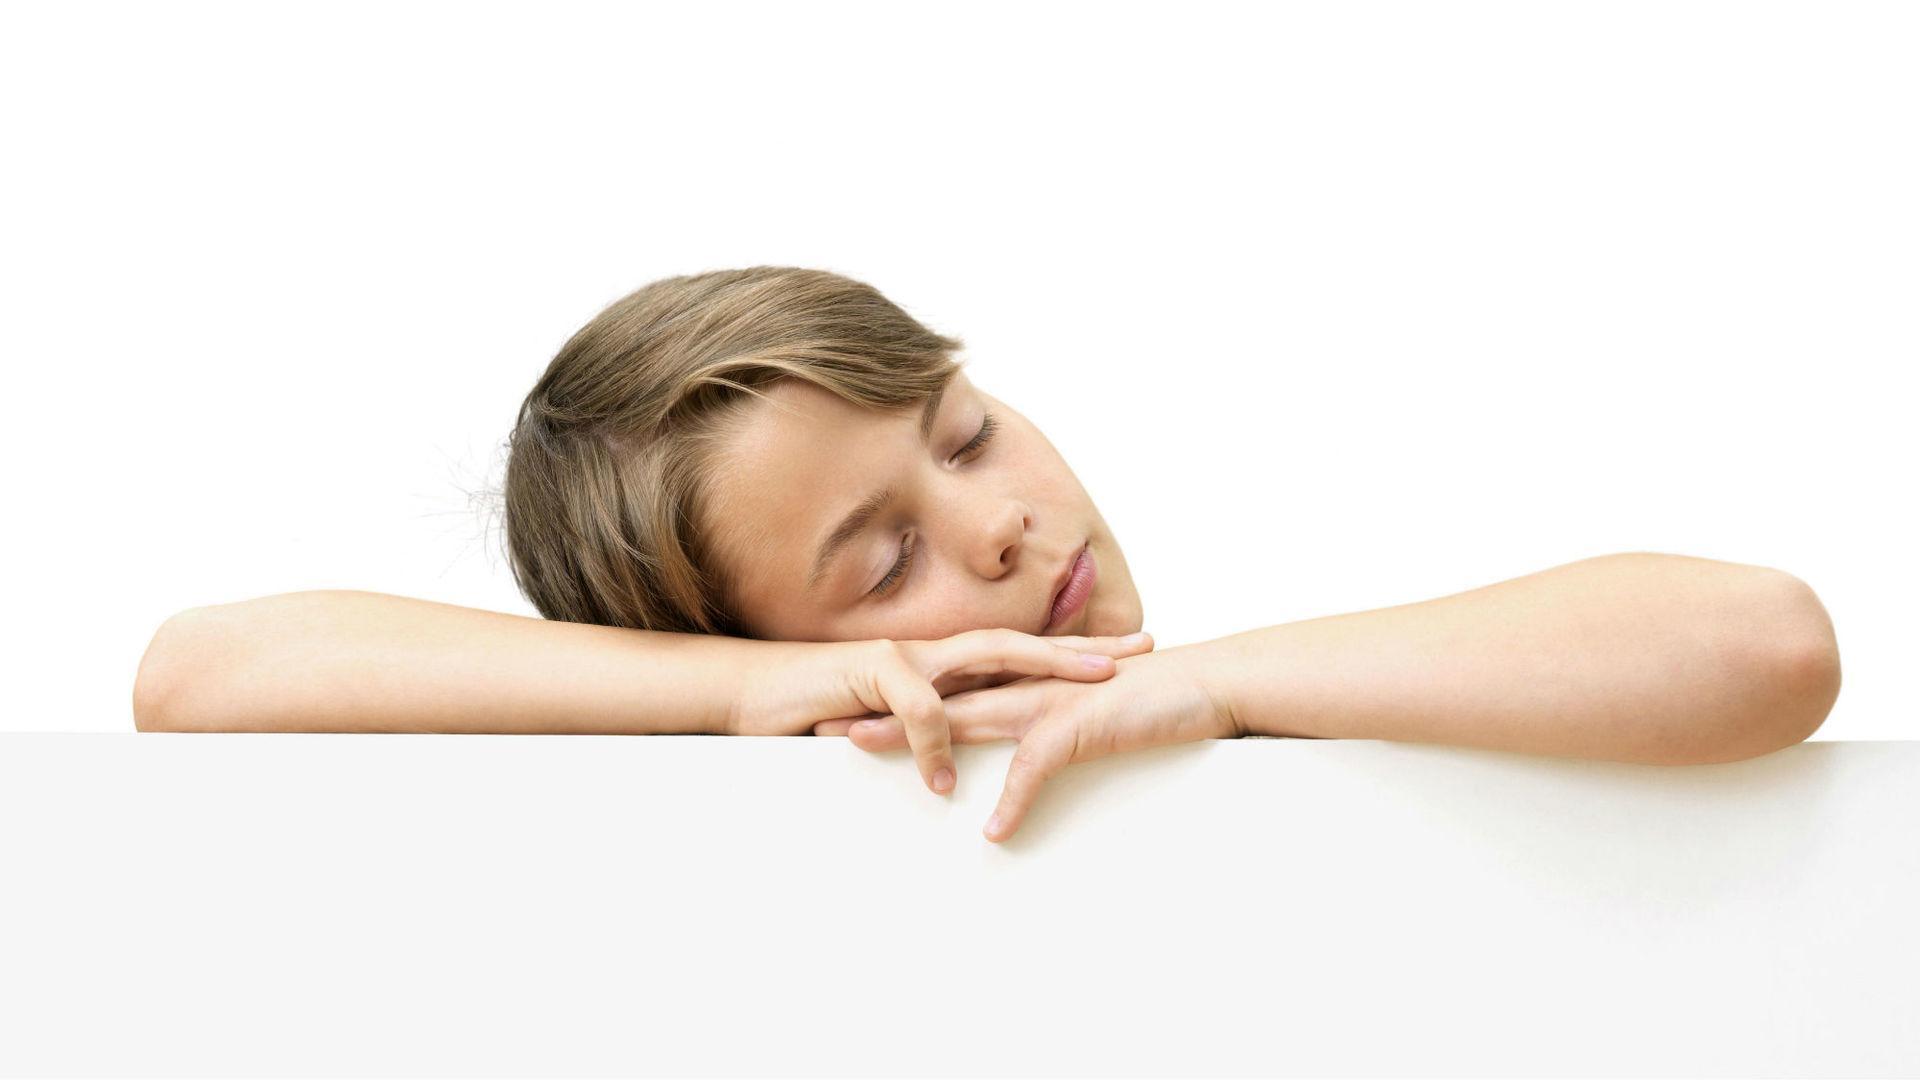 Недостаток сна у детей может ускорить их клеточное старение